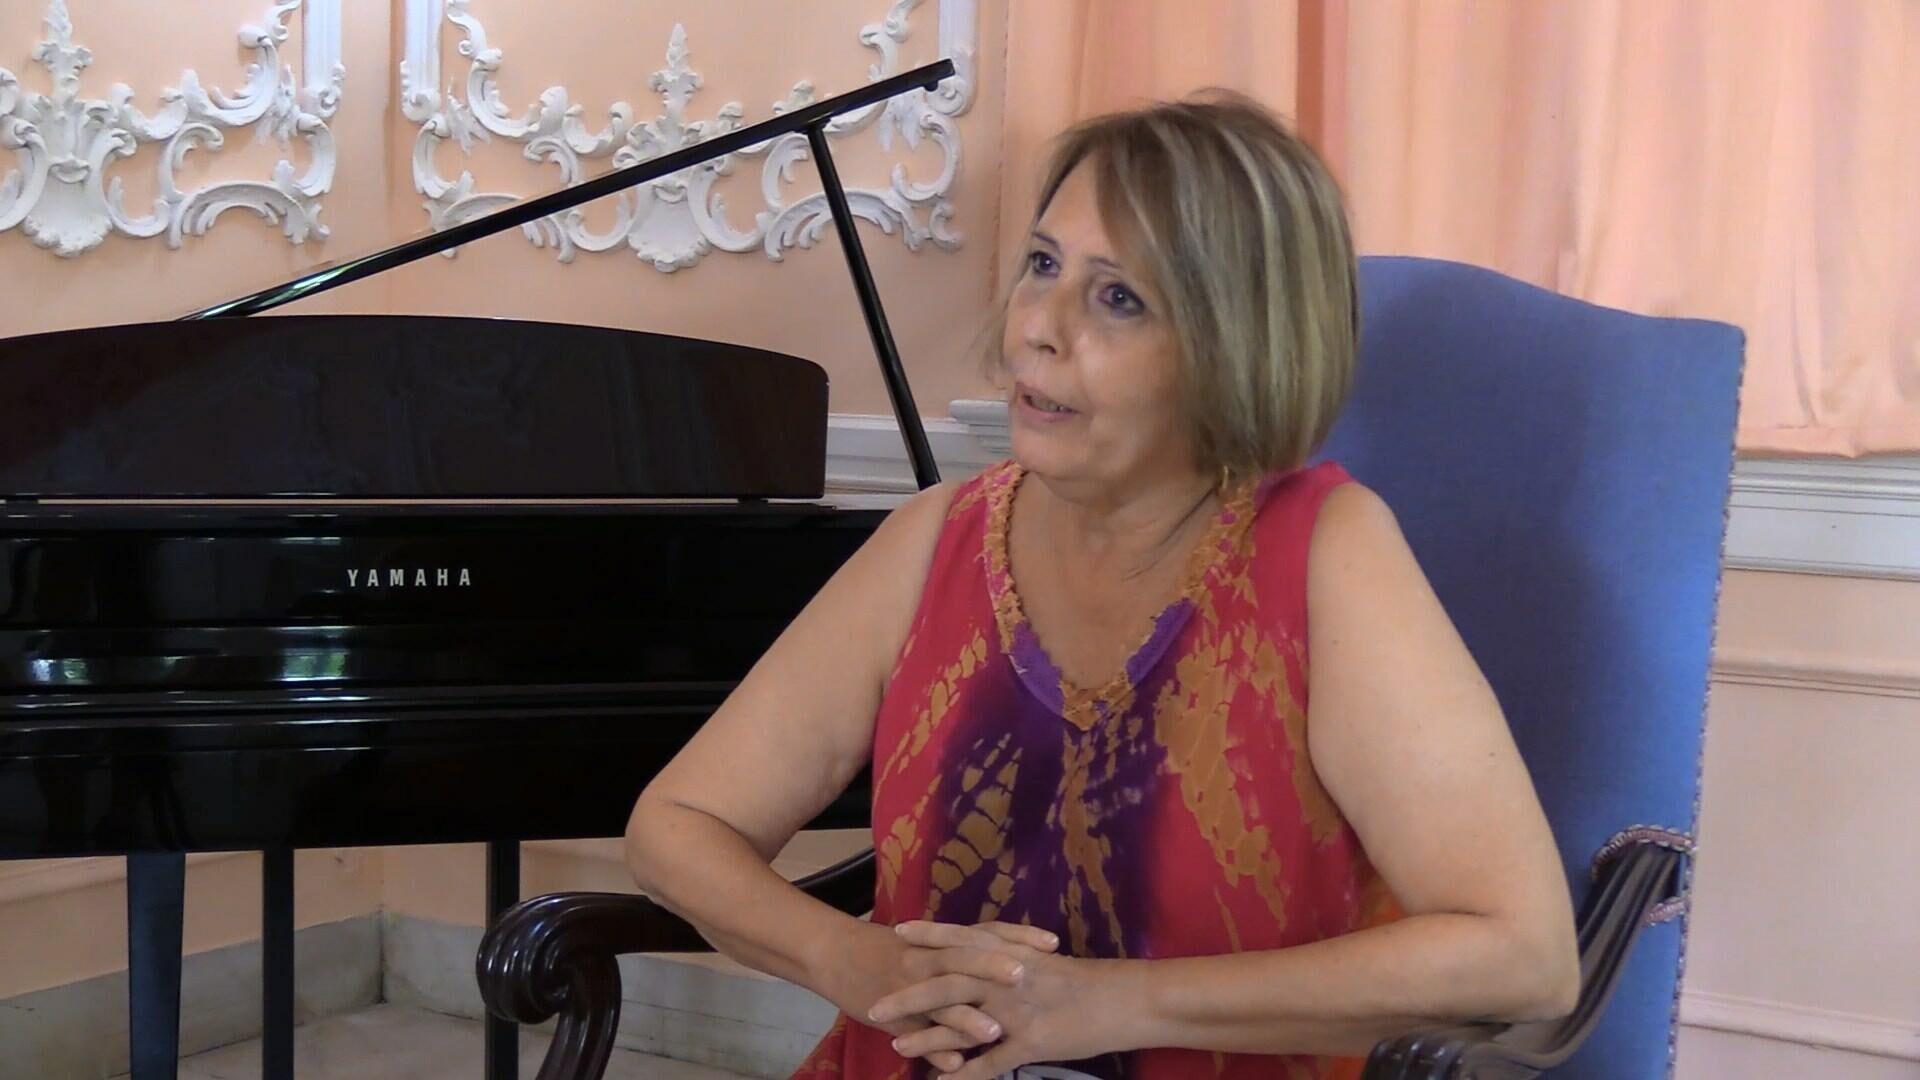 Directora de cine cubana Lourdes de los Santos - Sputnik Mundo, 1920, 13.07.2021